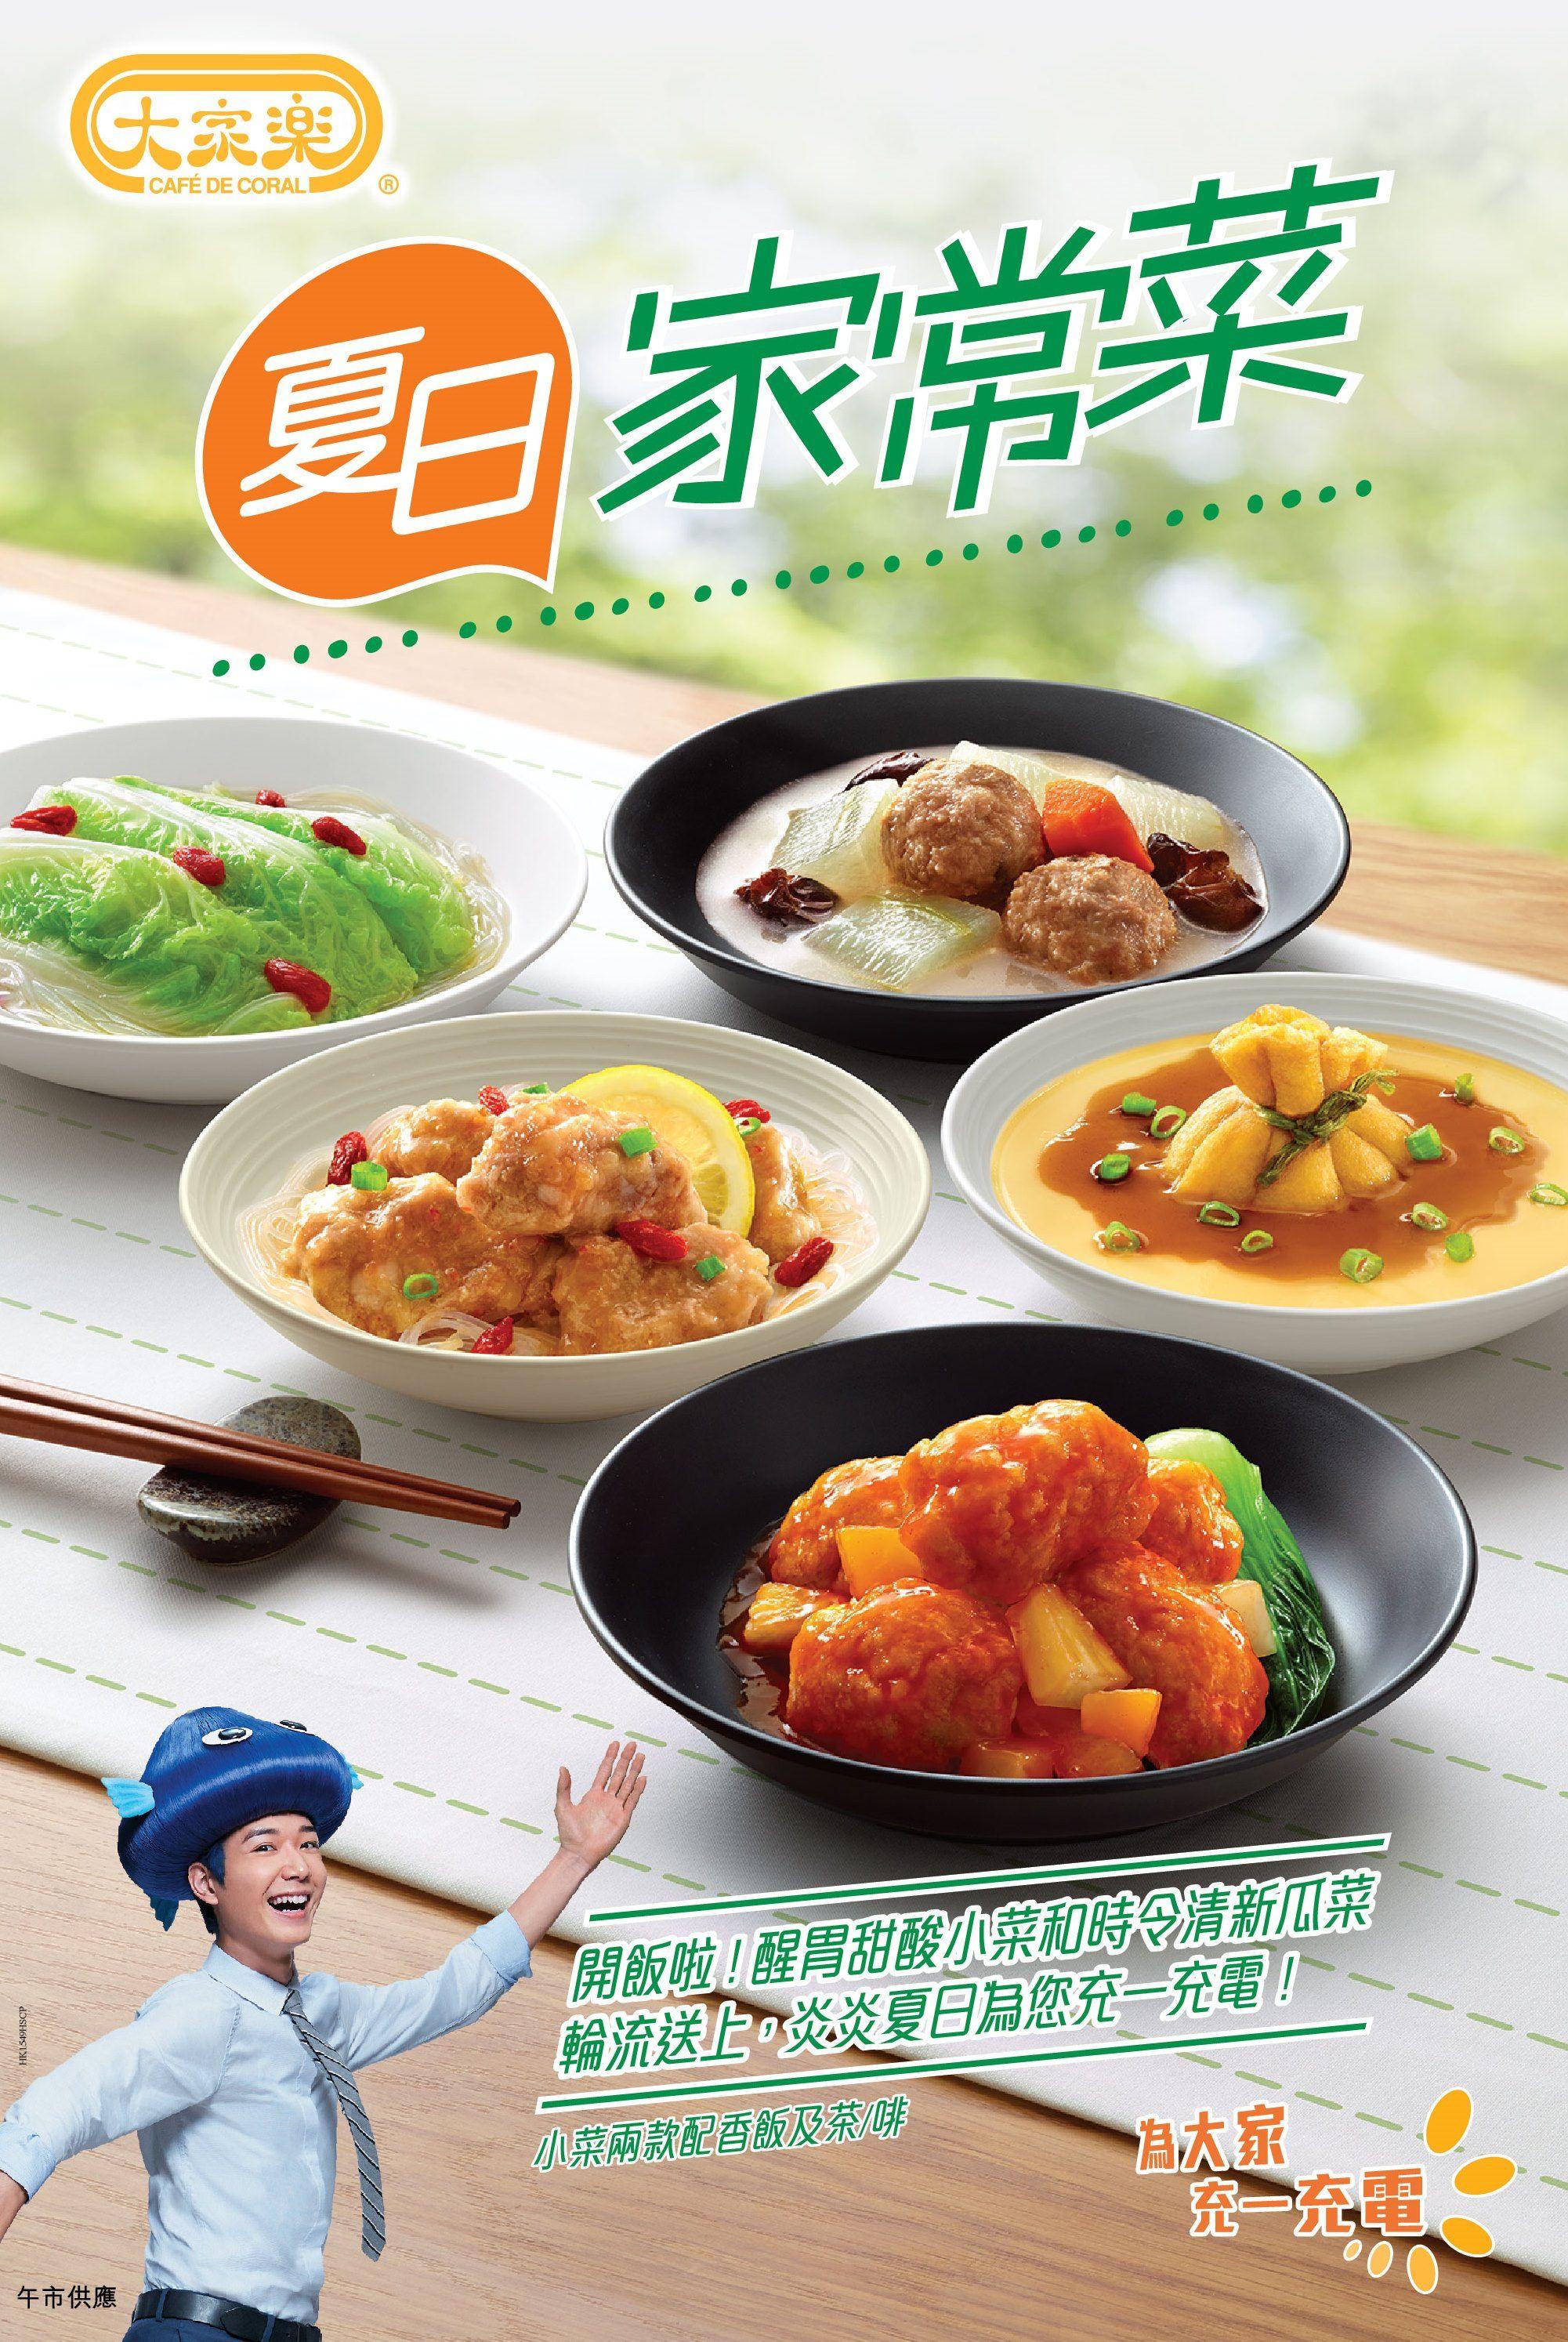 Cafe De Coral Food Poster Design Food Advertising Food